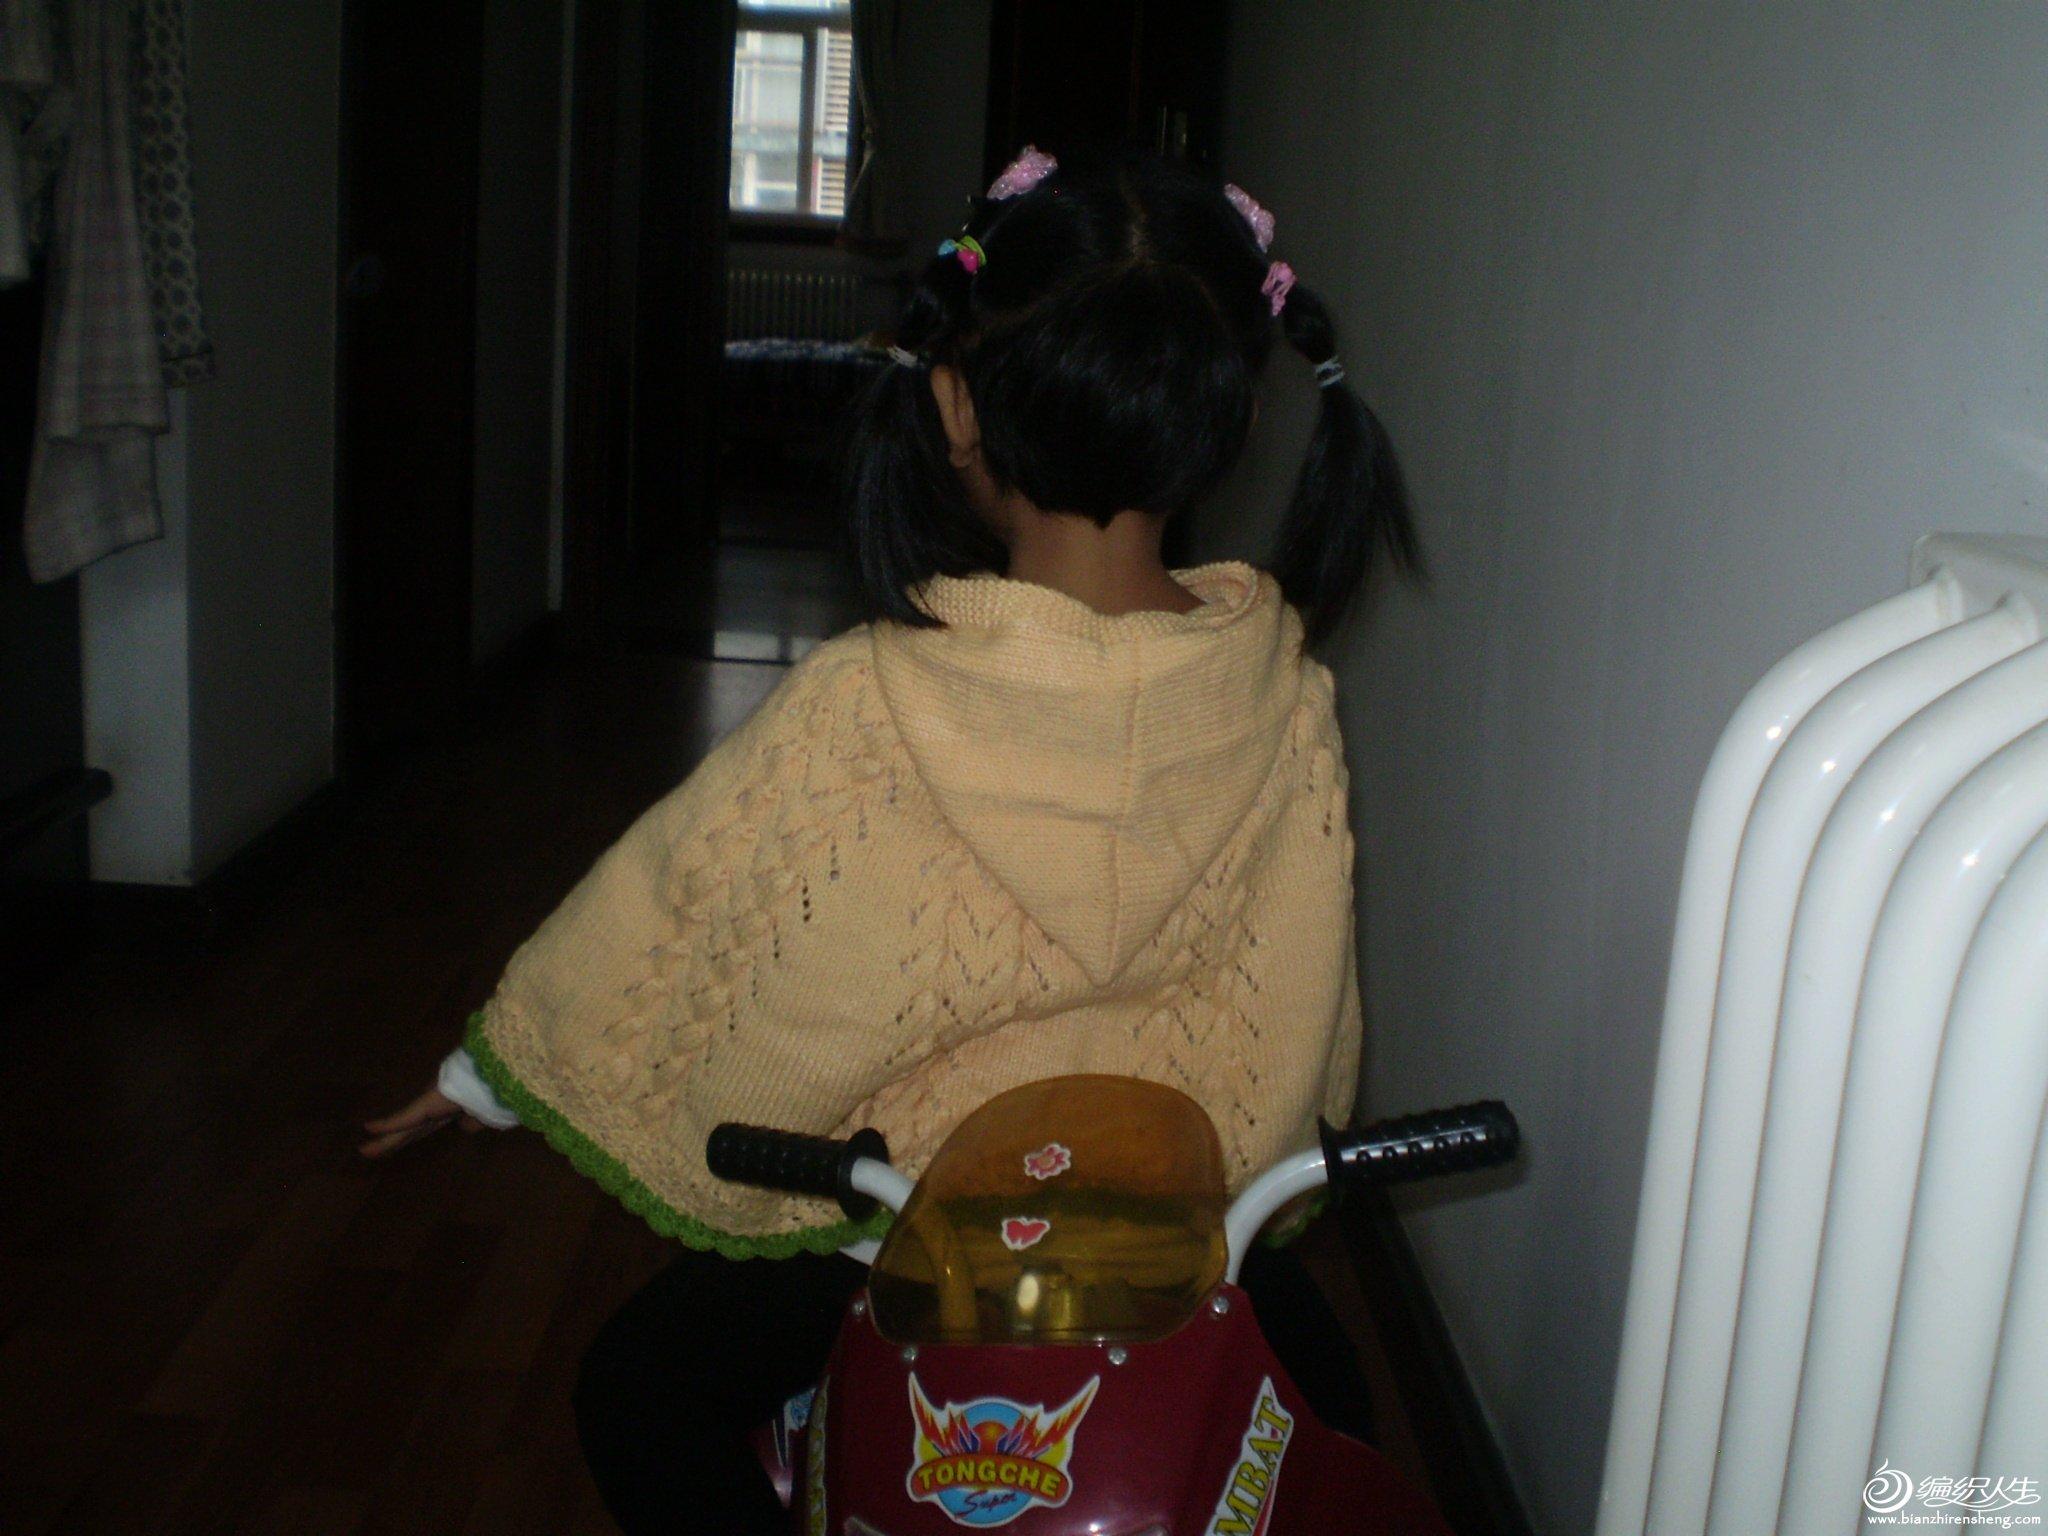 宝宝绒手工编织披肩,适合1-2岁宝宝穿着,价格128元